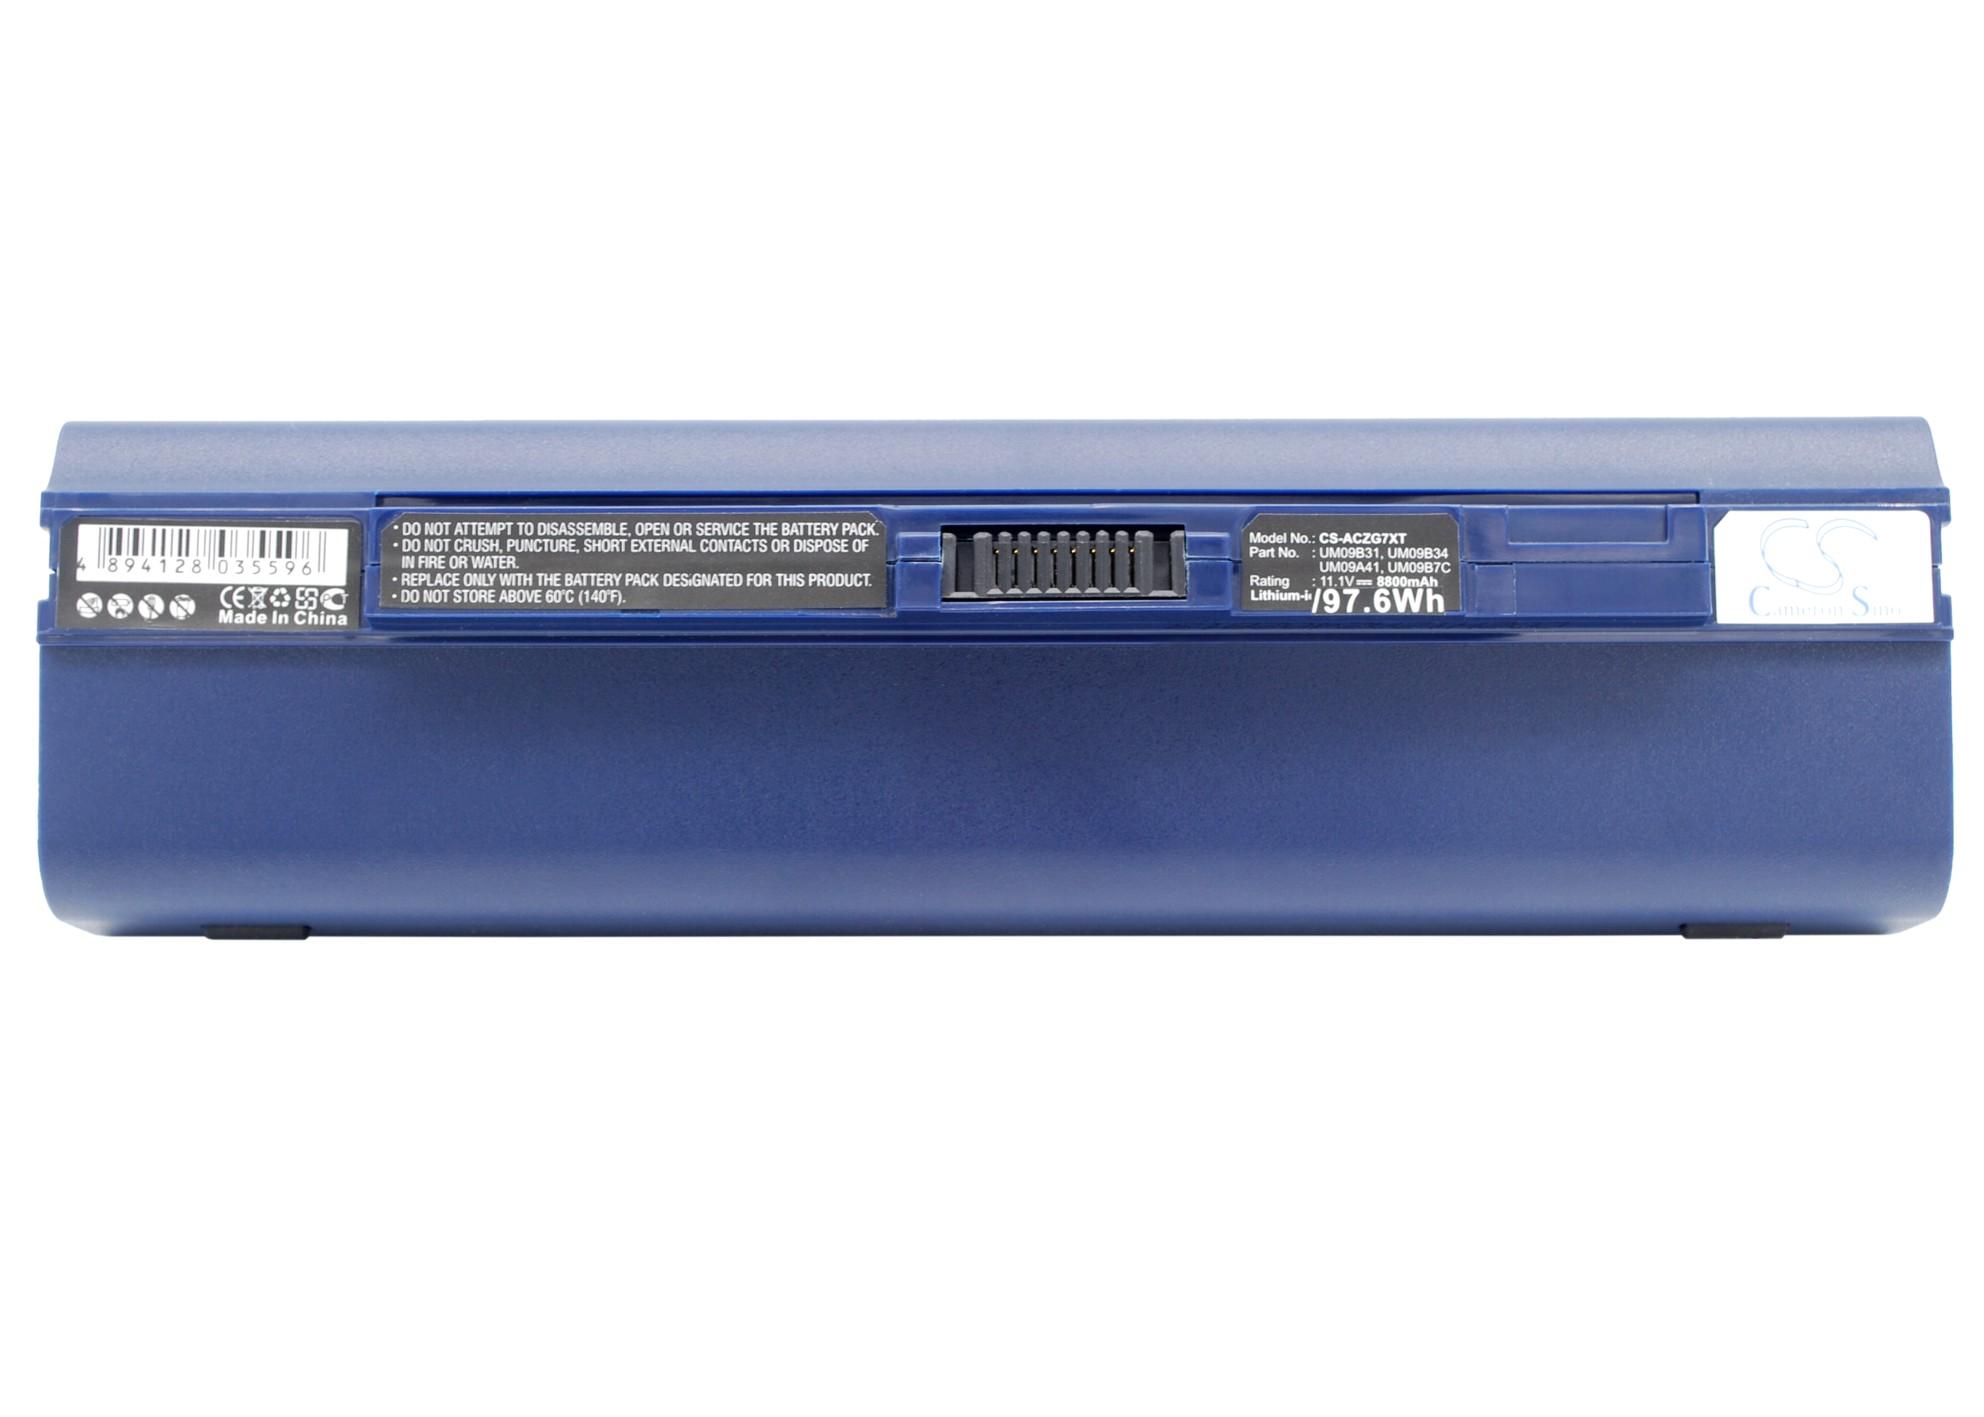 Cameron Sino baterie do notebooků pro ACER Aspire One 751 11.1V Li-ion 8800mAh modrá - neoriginální